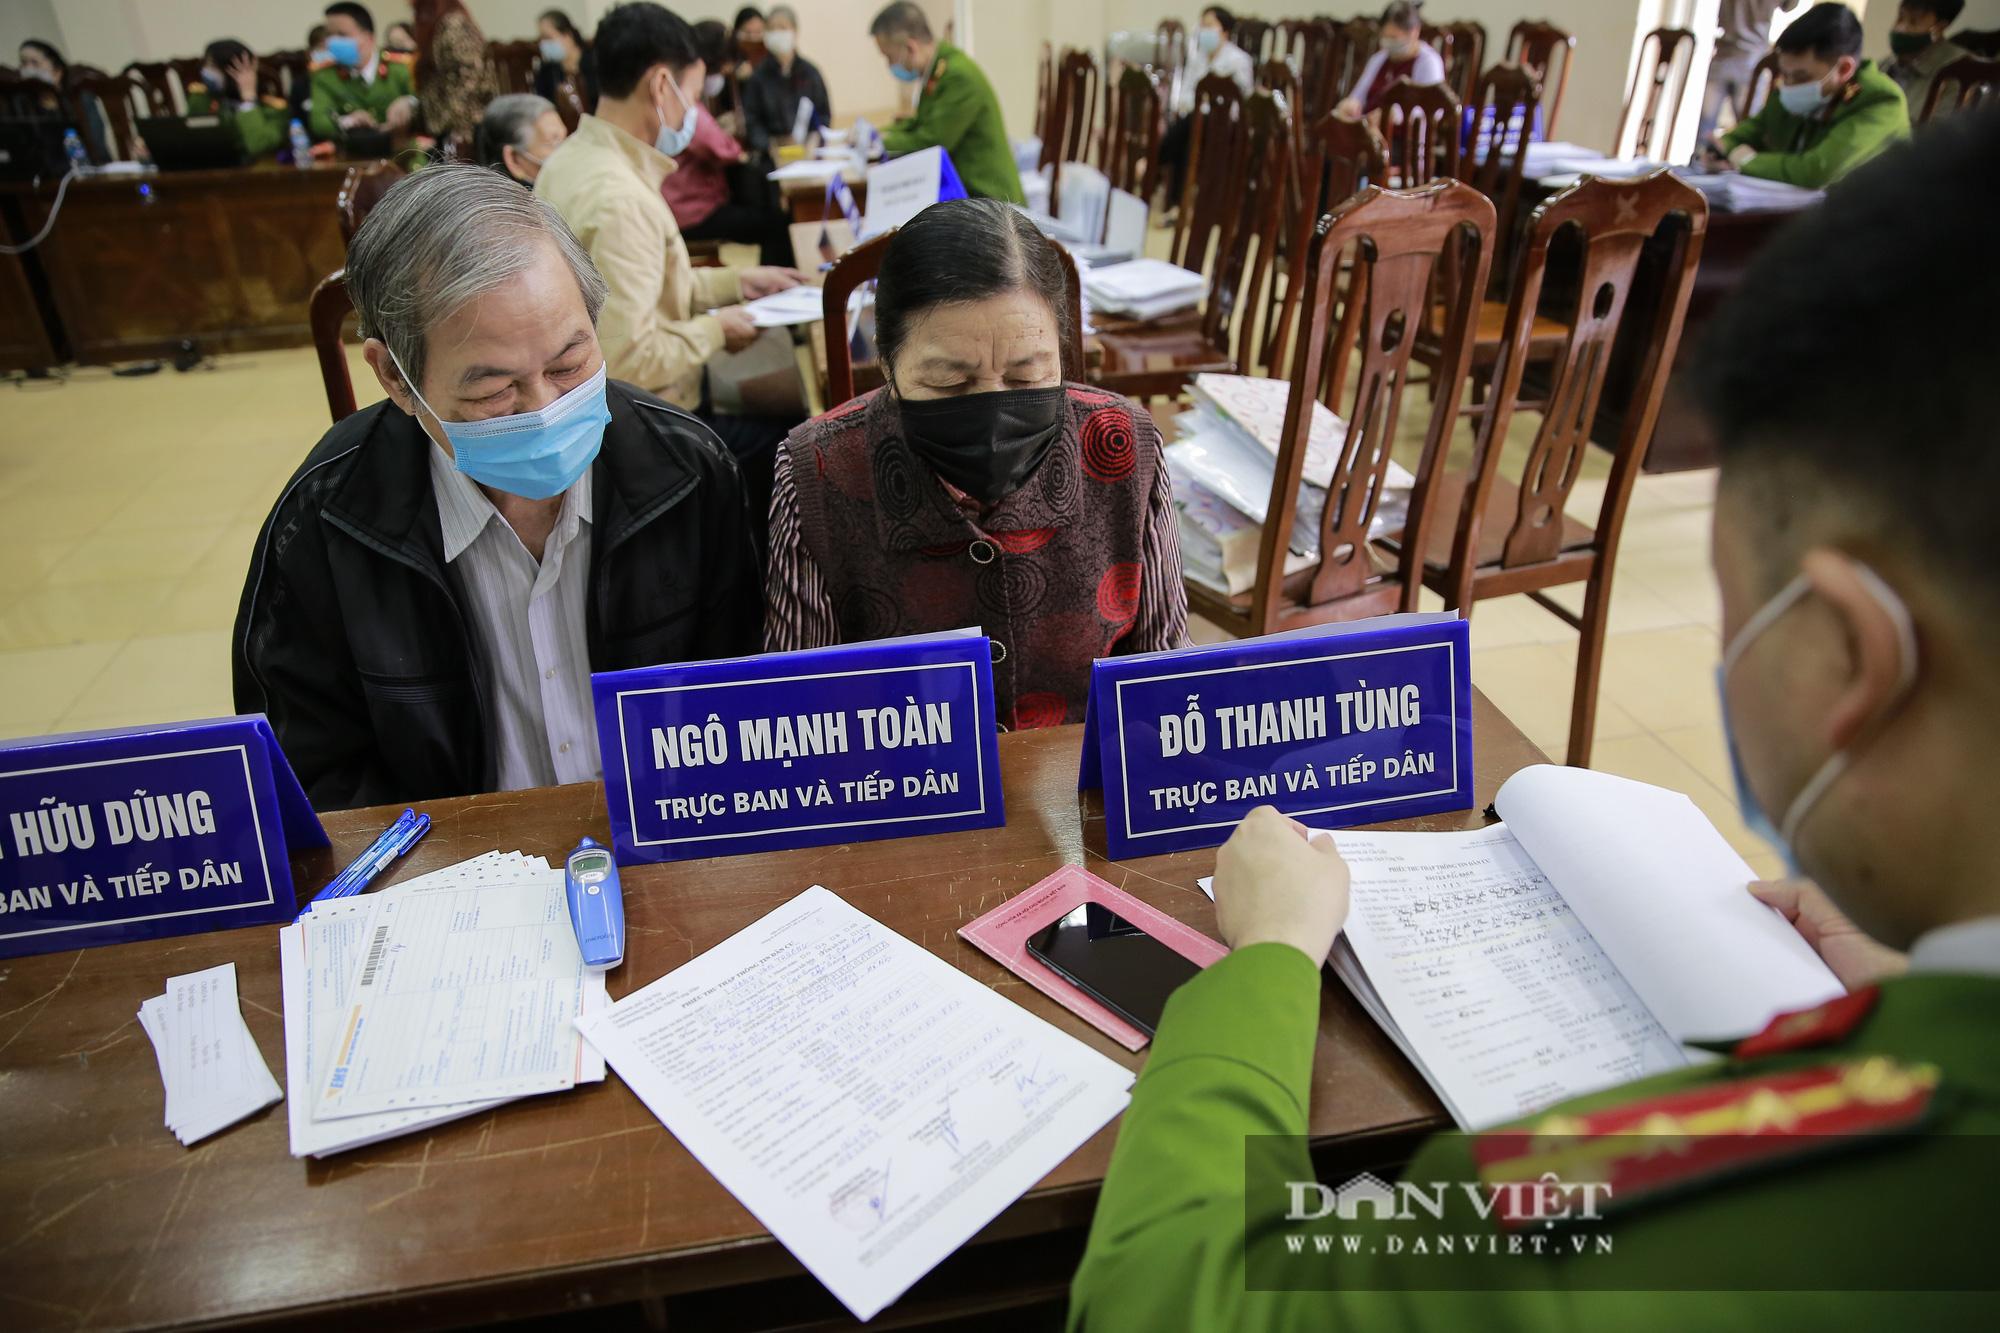 Mục sở thị quá trình cấp thẻ căn cước công dân gắn chíp lưu động tại Hà Nội - Ảnh 4.